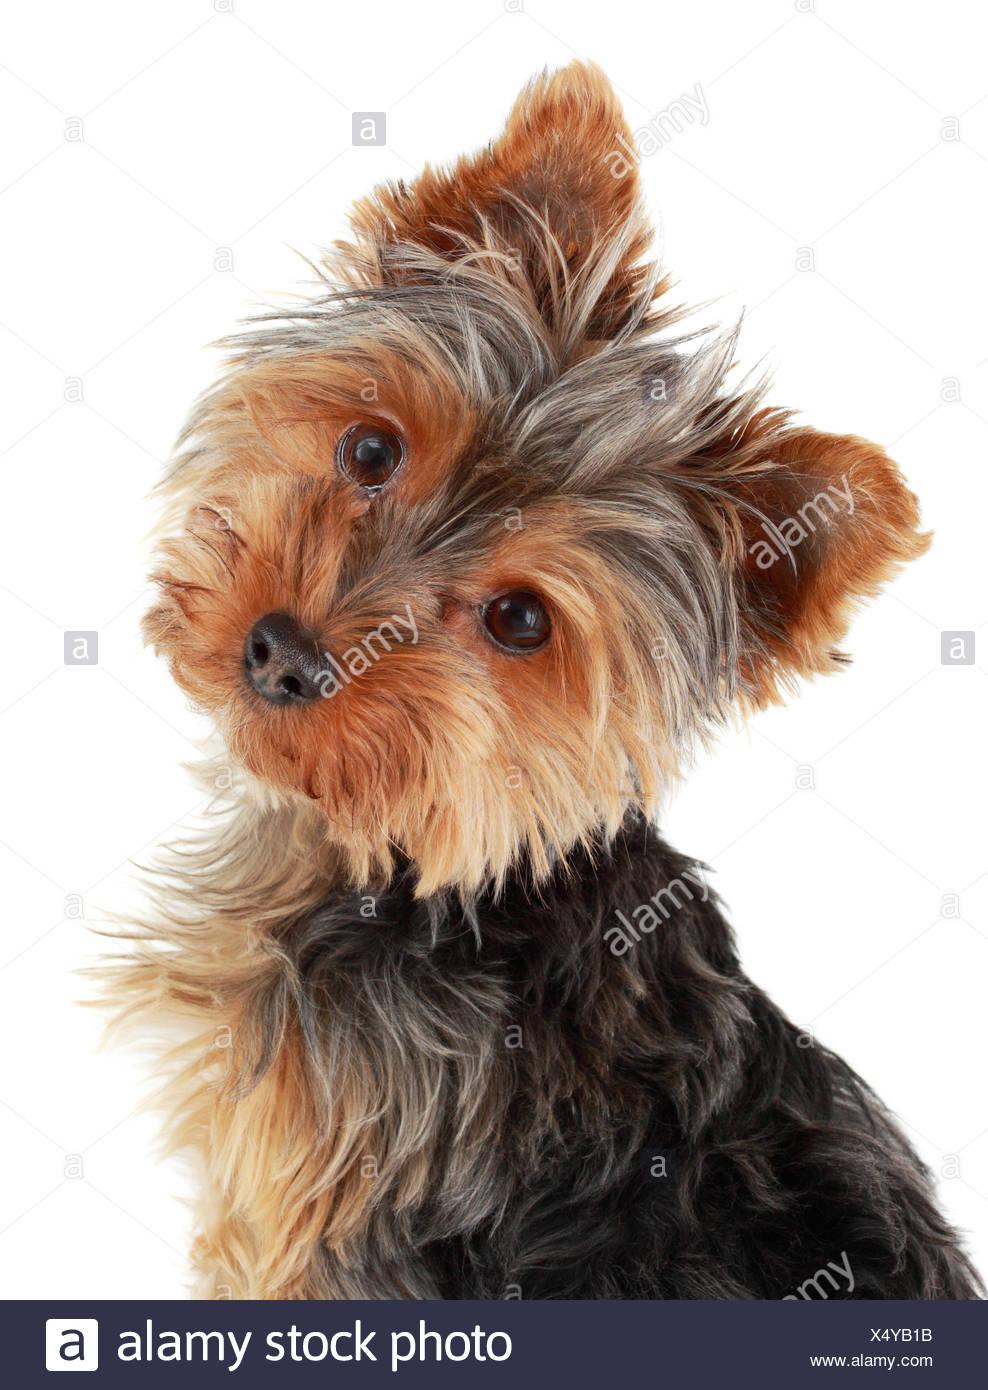 Cute Yorkie Puppy Stock Photo 278425879 Alamy